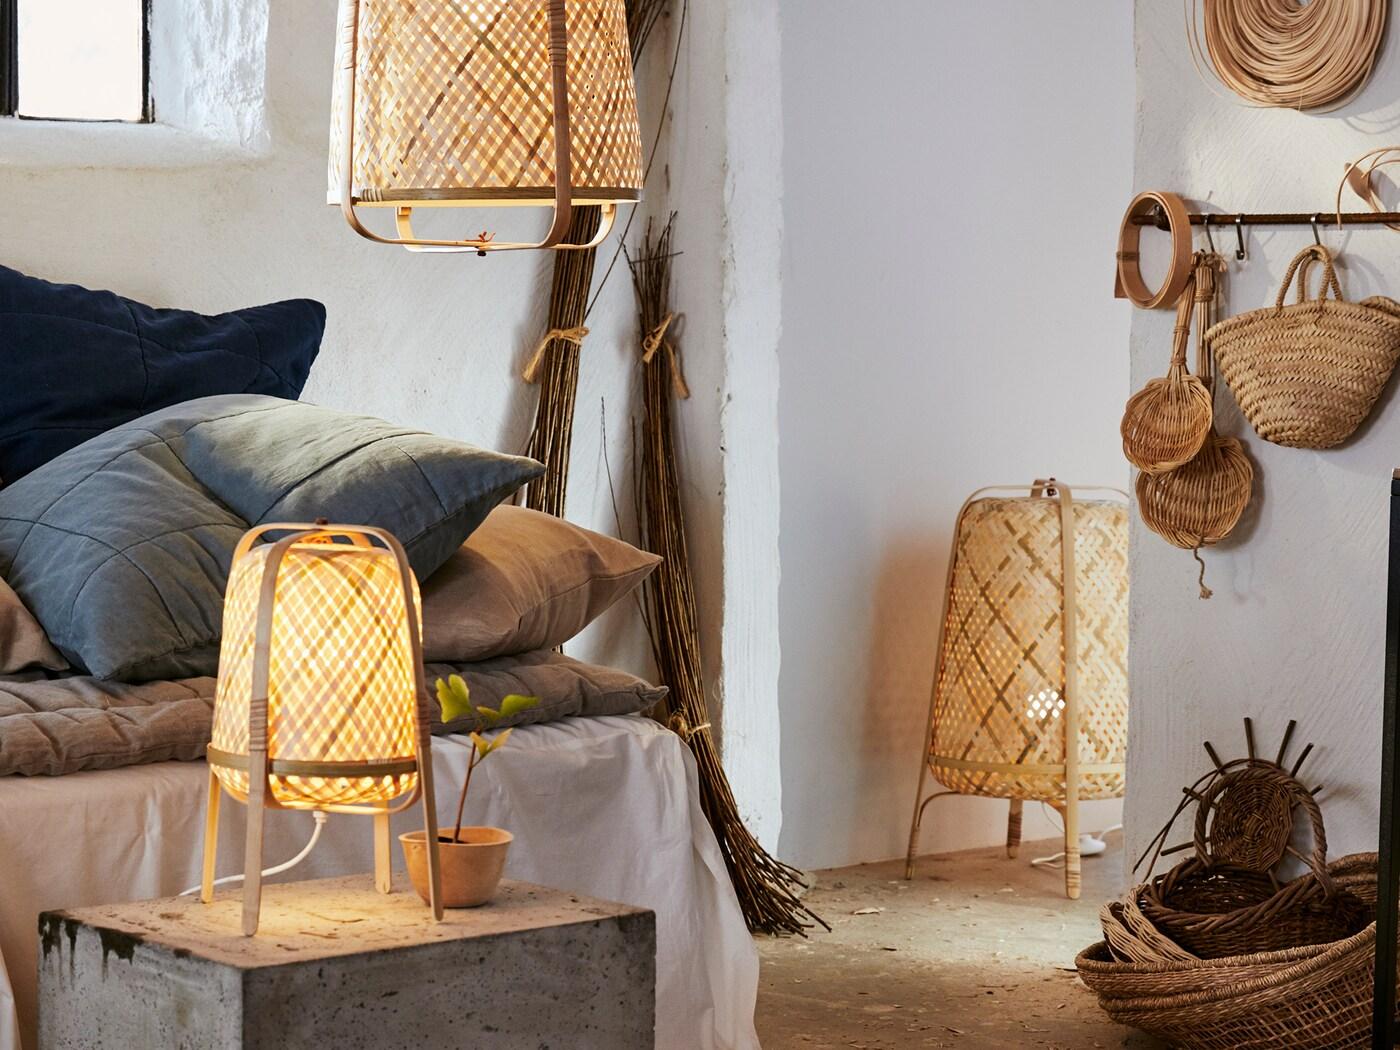 Stôl. stojacia a závesná lampa KNIXHULT v spálni vo vidieckom štýle.